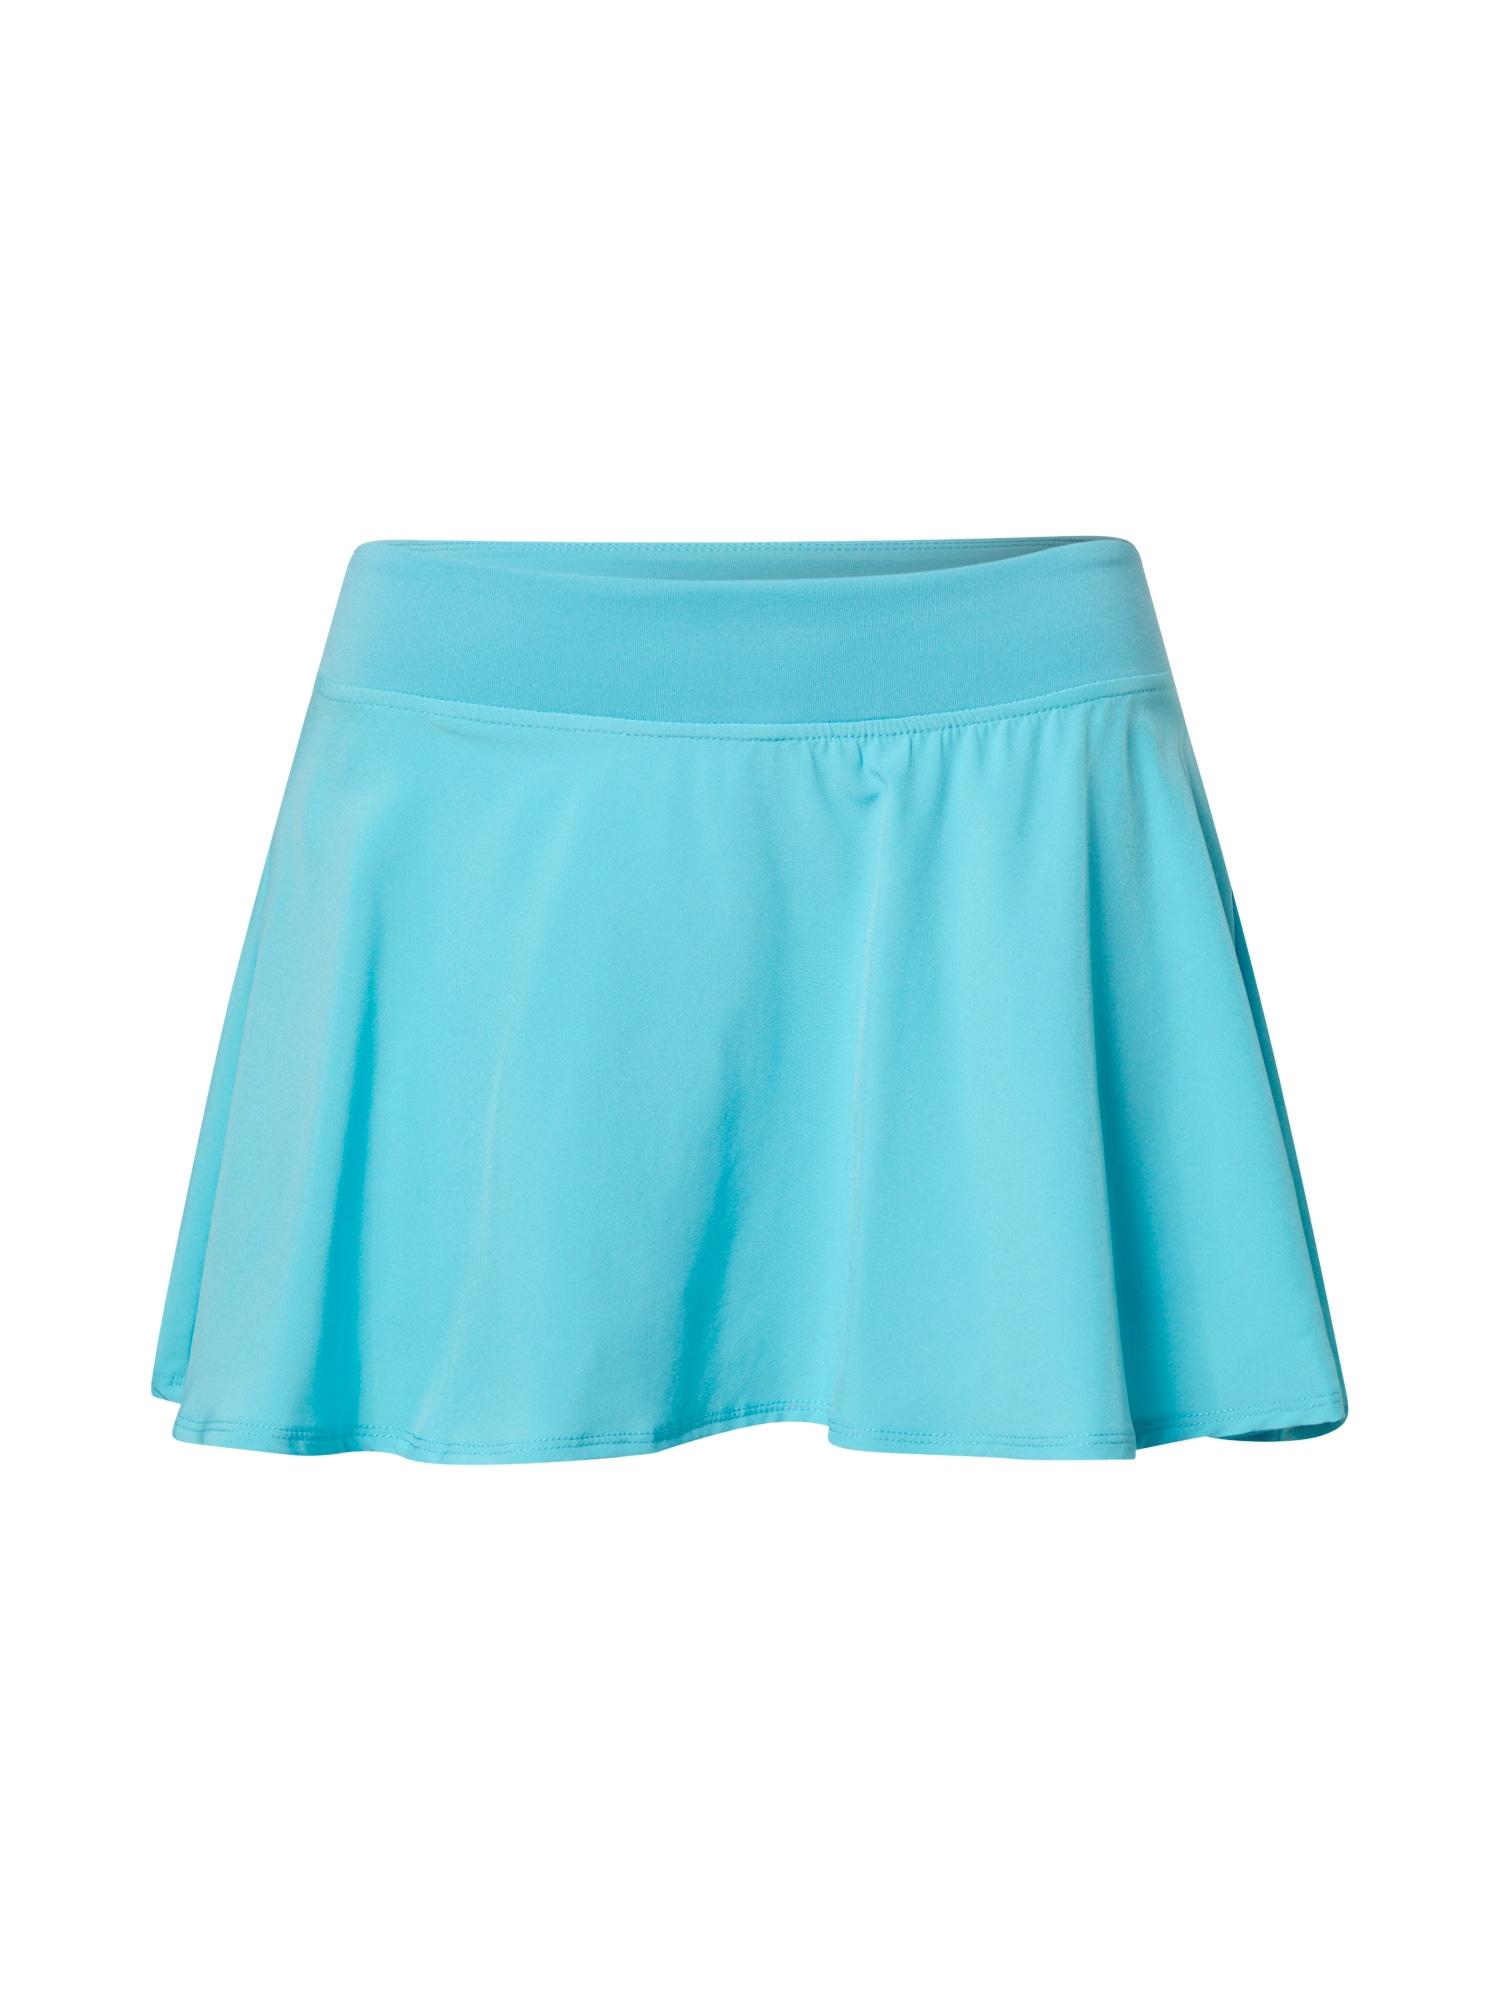 BIDI BADU Sportinio stiliaus sijonas vandens spalva